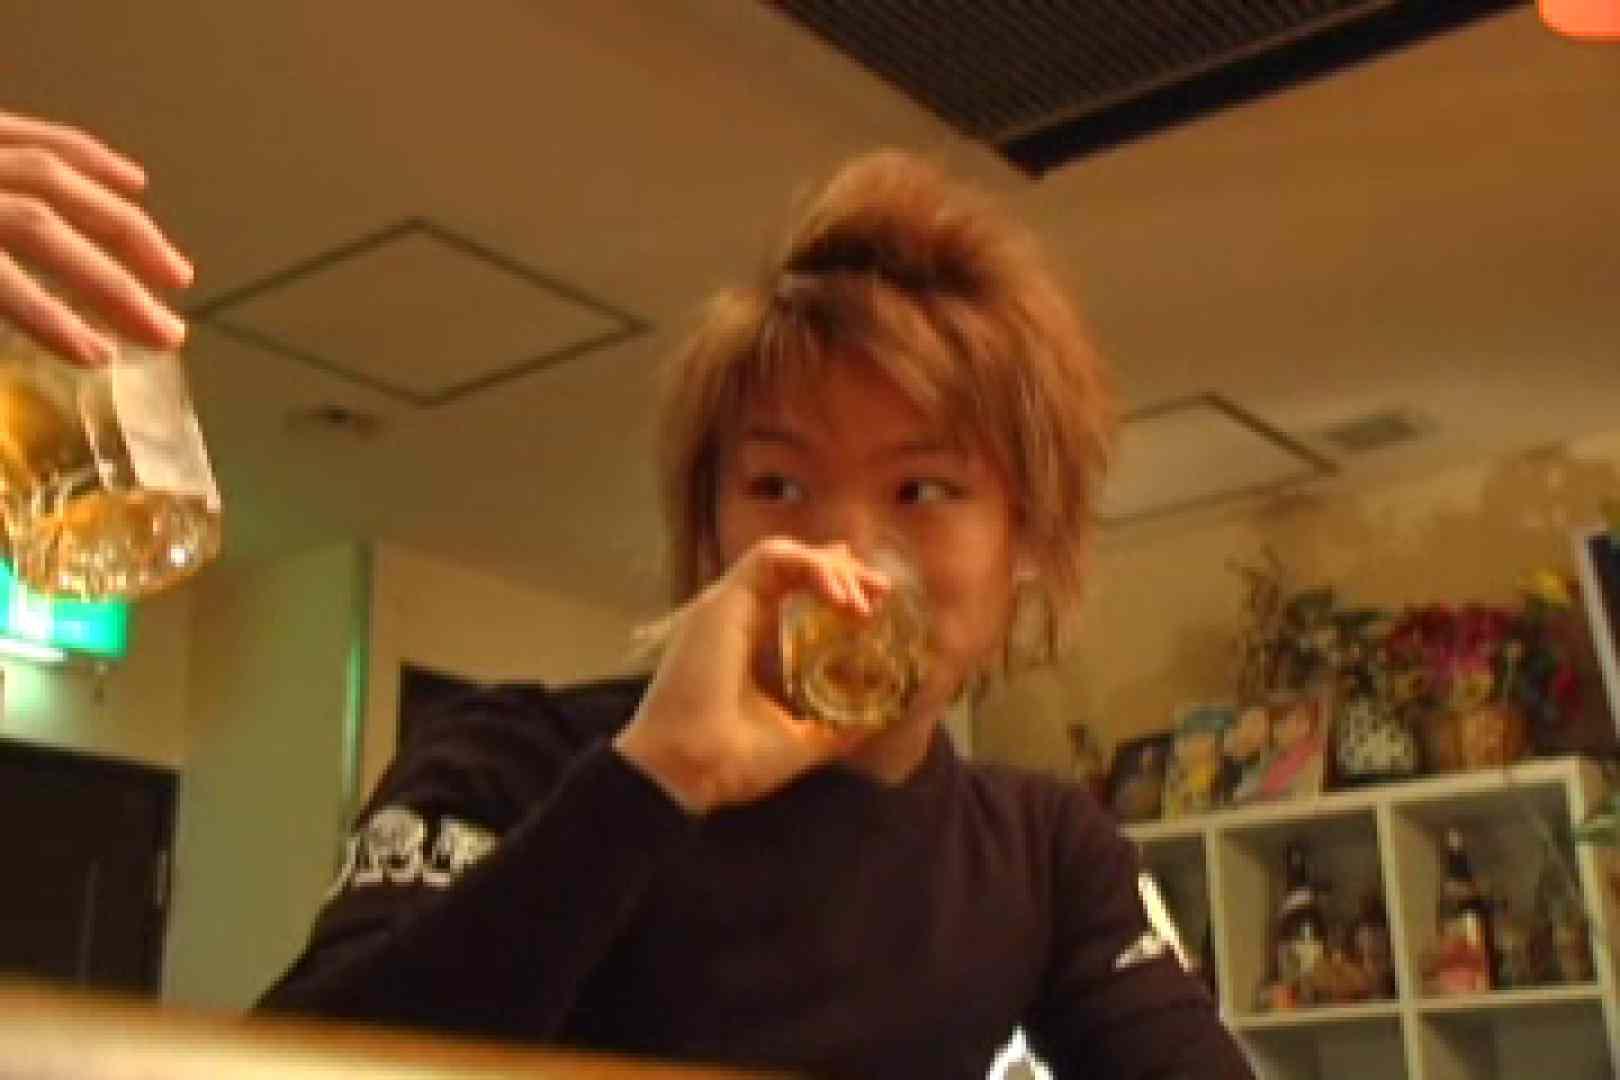 美しいmensは「トロマン」が大好き!!vol.01 スジ筋系男子 ゲイエロビデオ画像 90枚 4